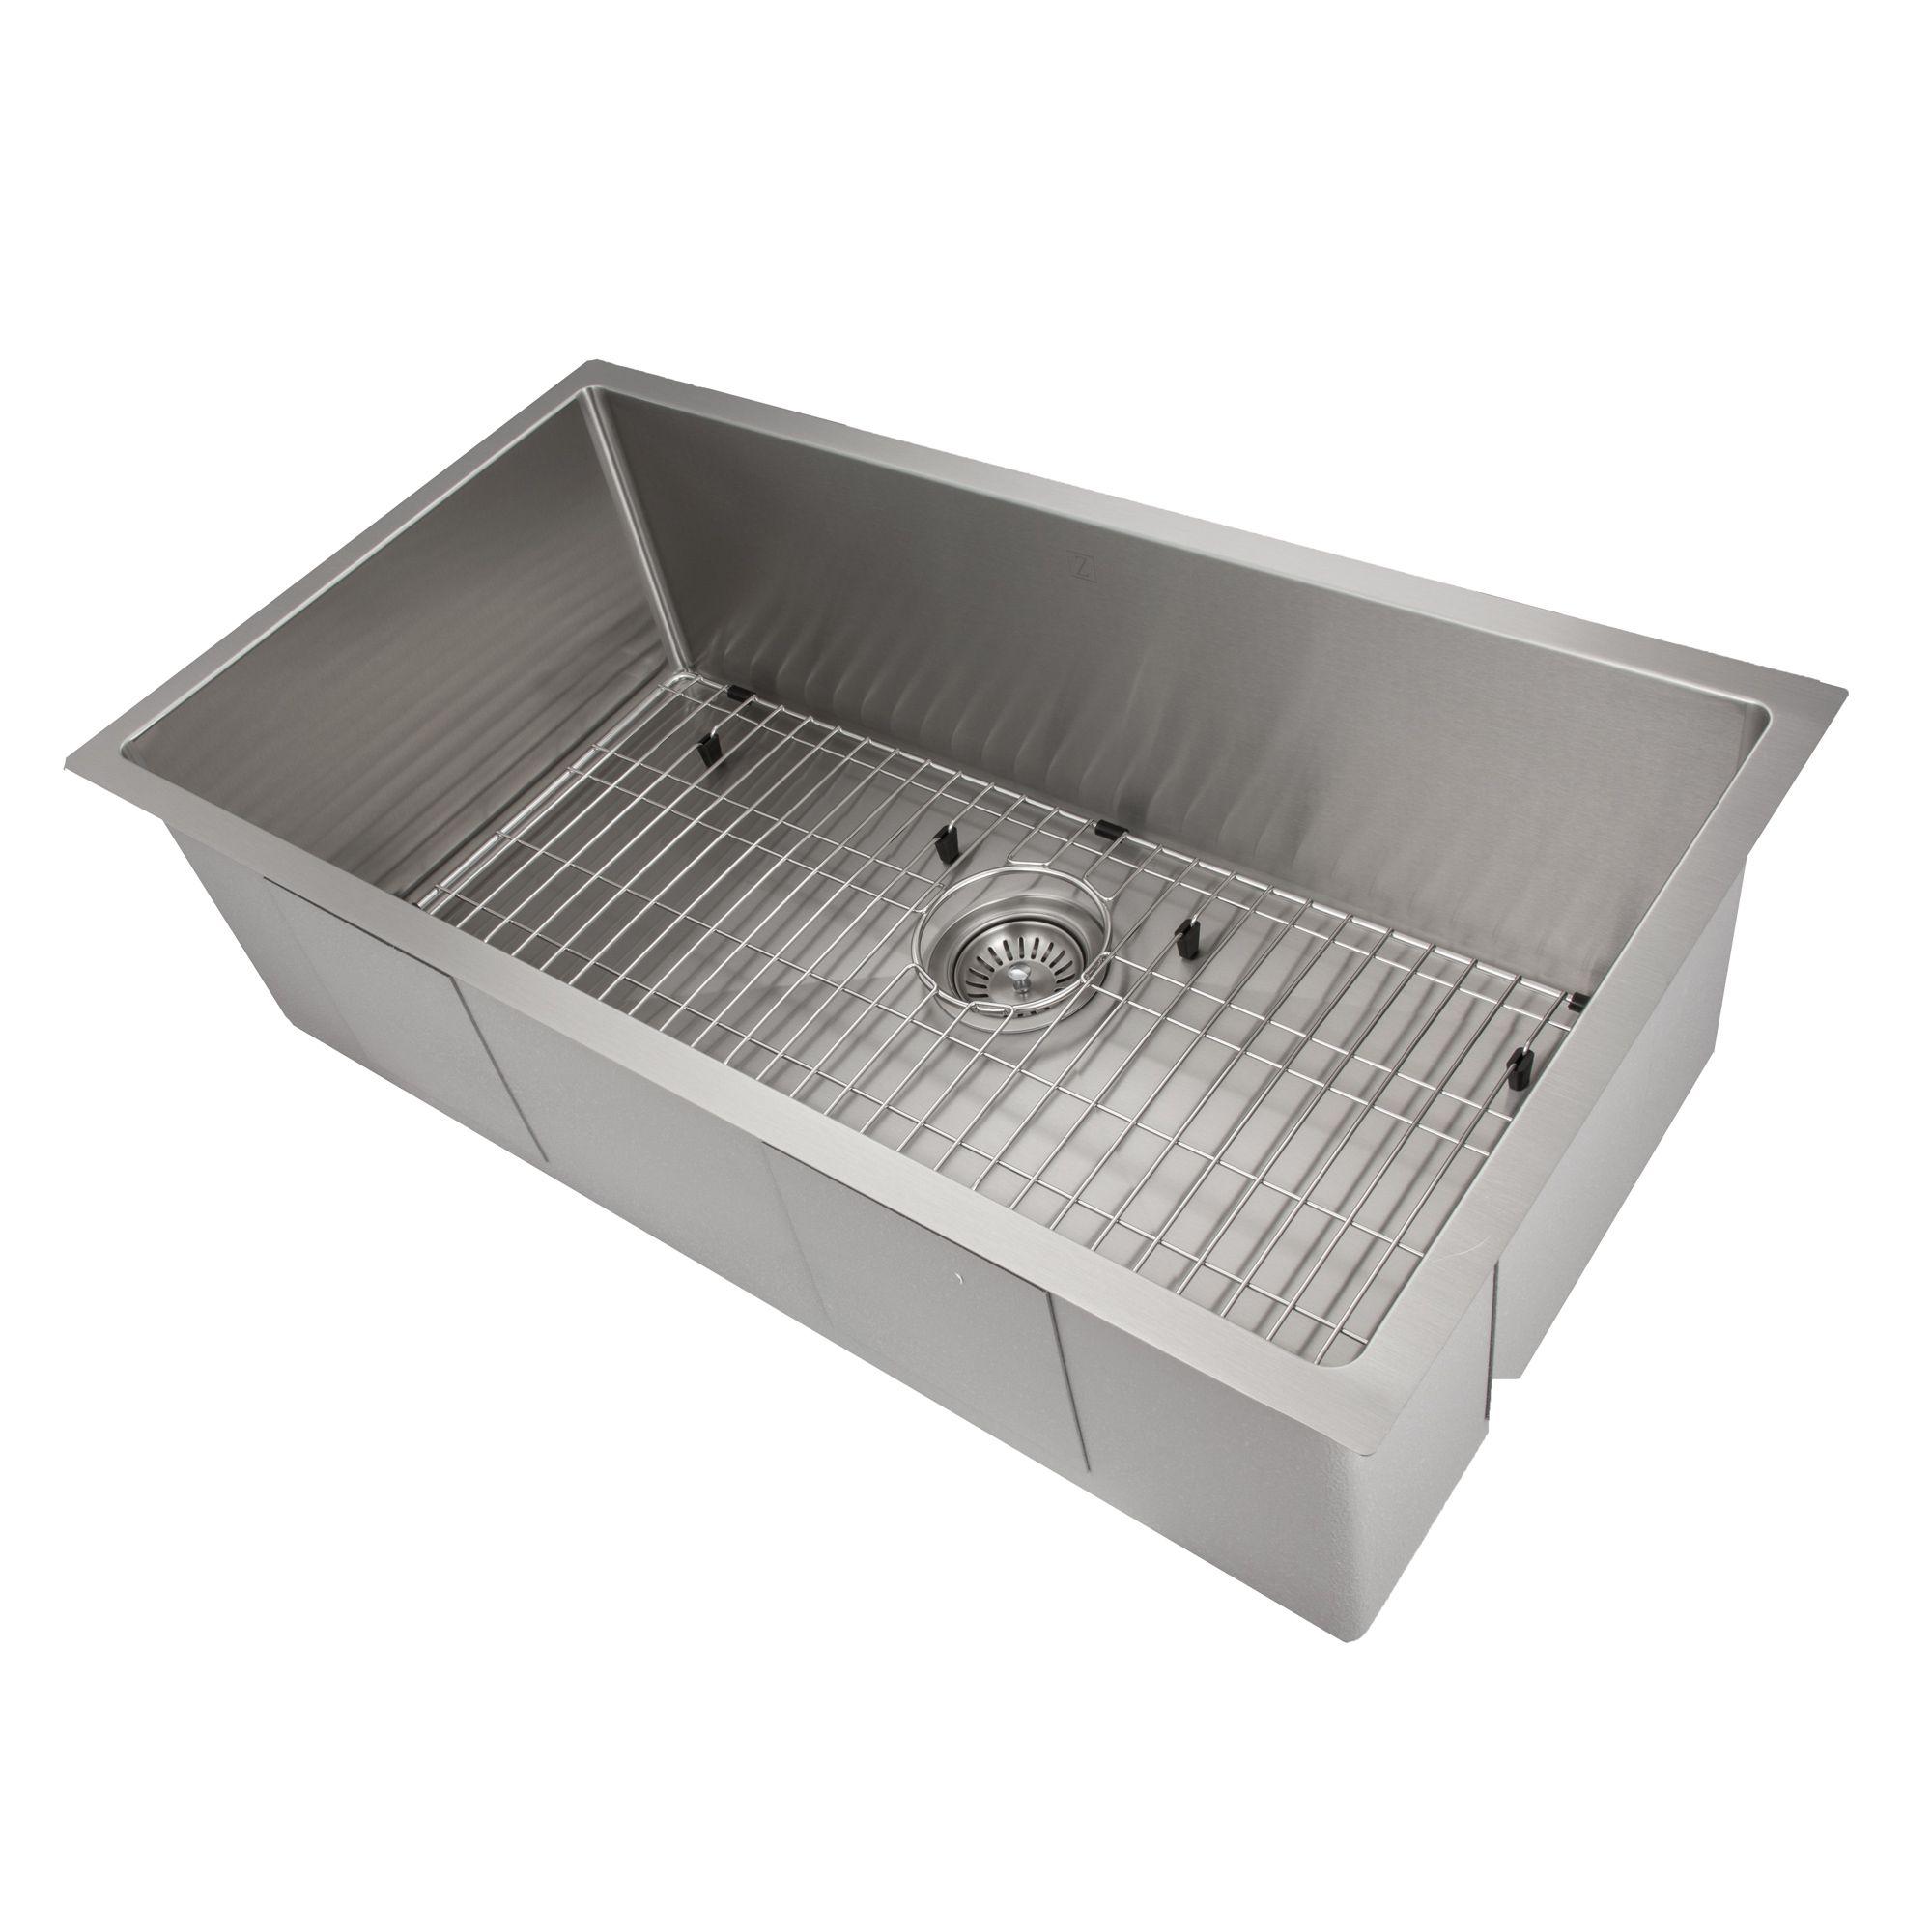 36 Inch Undermount Kitchen Sink.Zline Classic Series 36 Inch Undermount Single Bowl Sink In